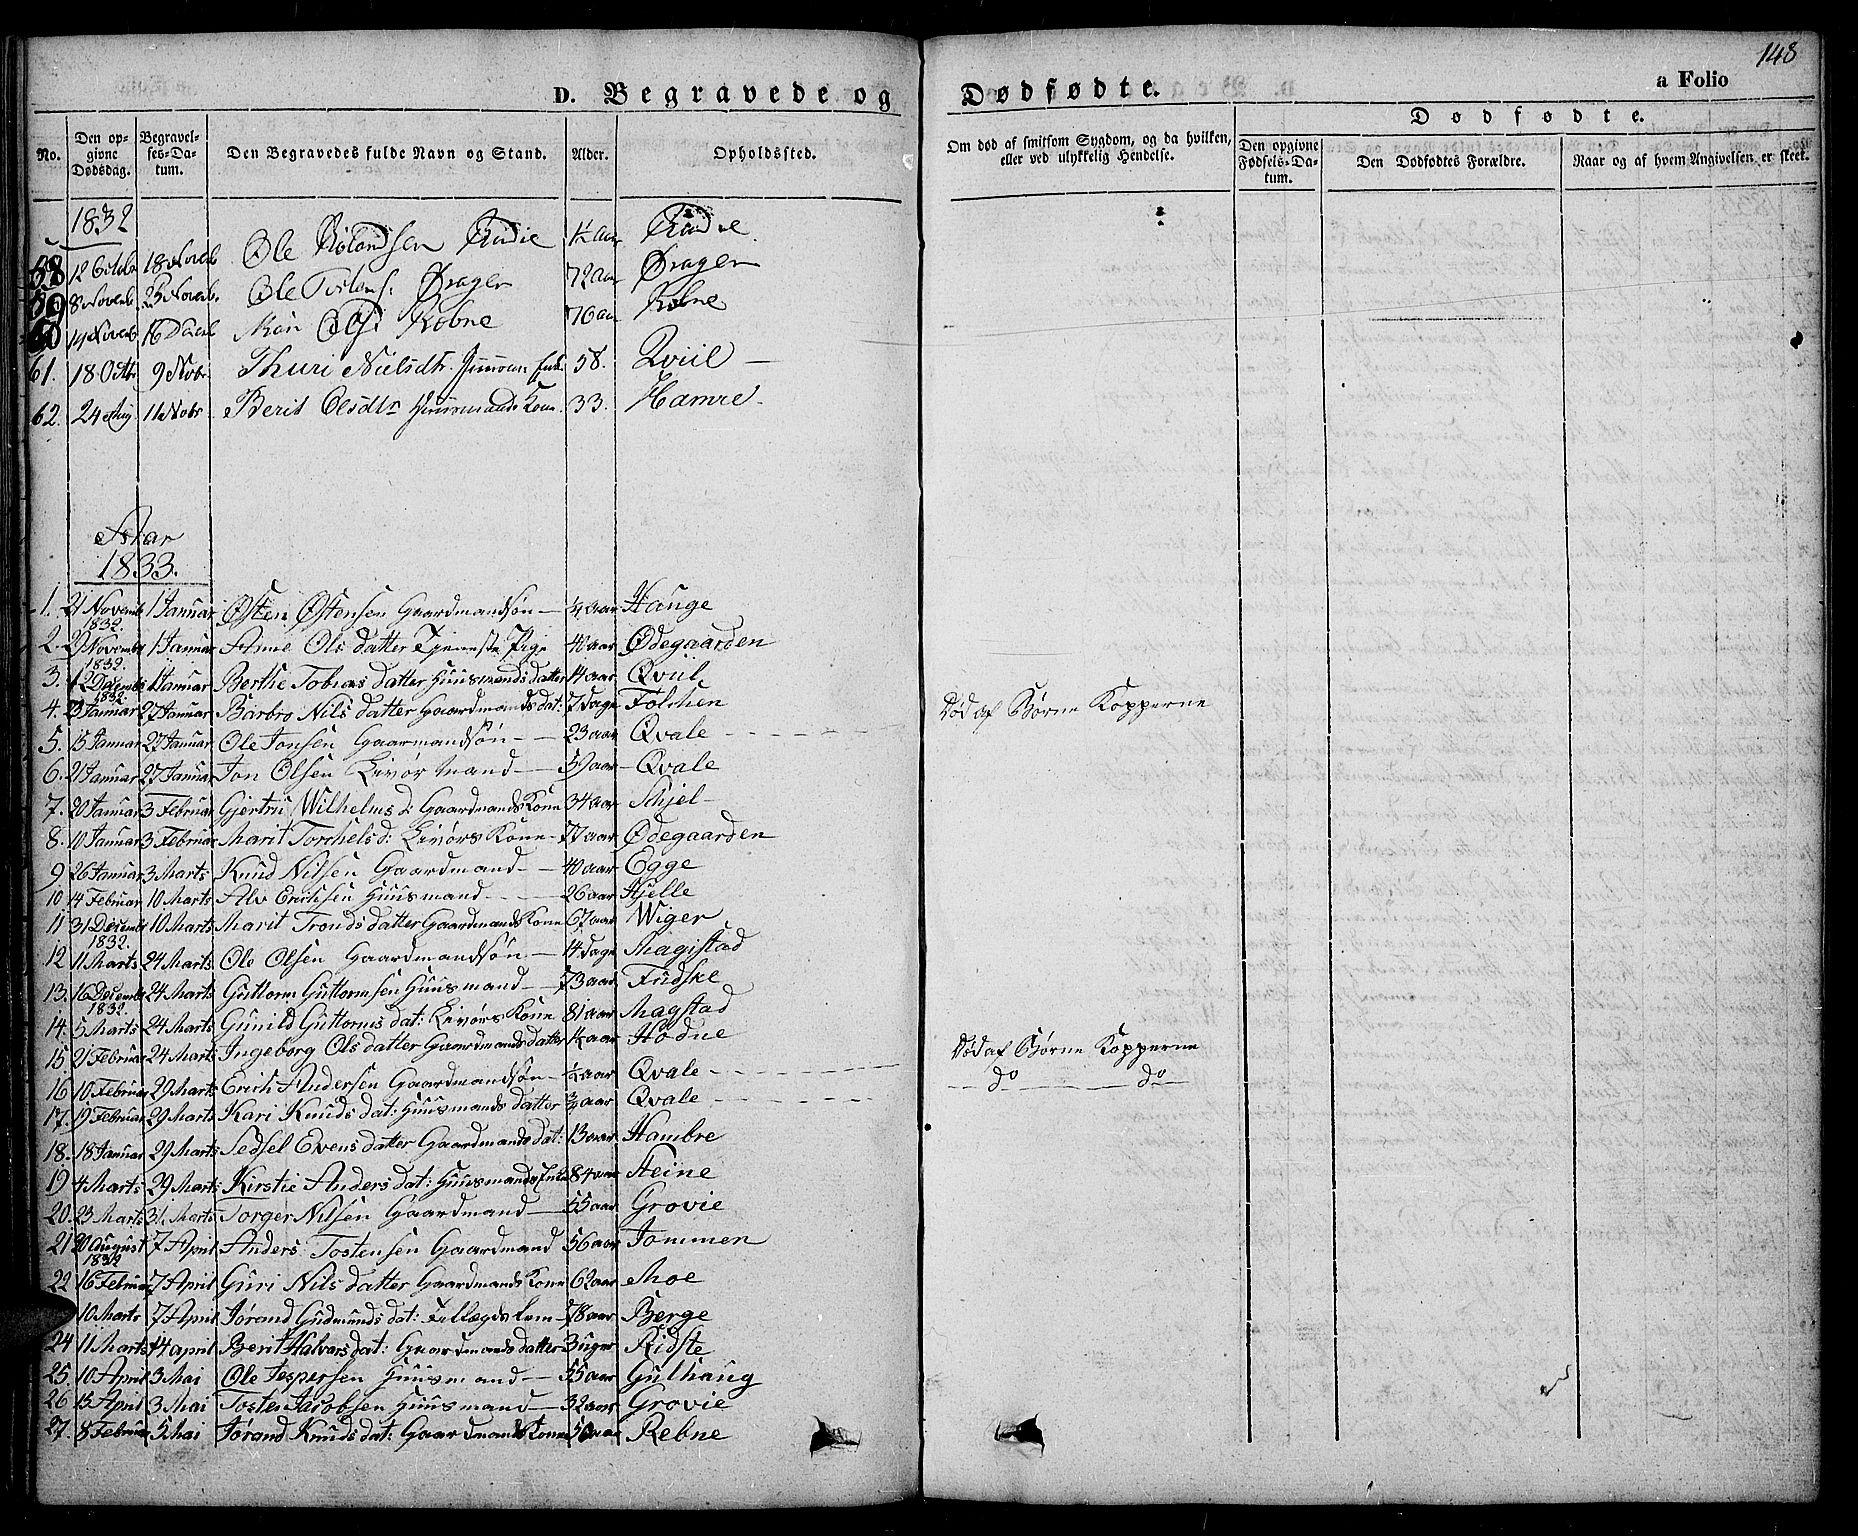 SAH, Slidre prestekontor, Ministerialbok nr. 3, 1831-1843, s. 148